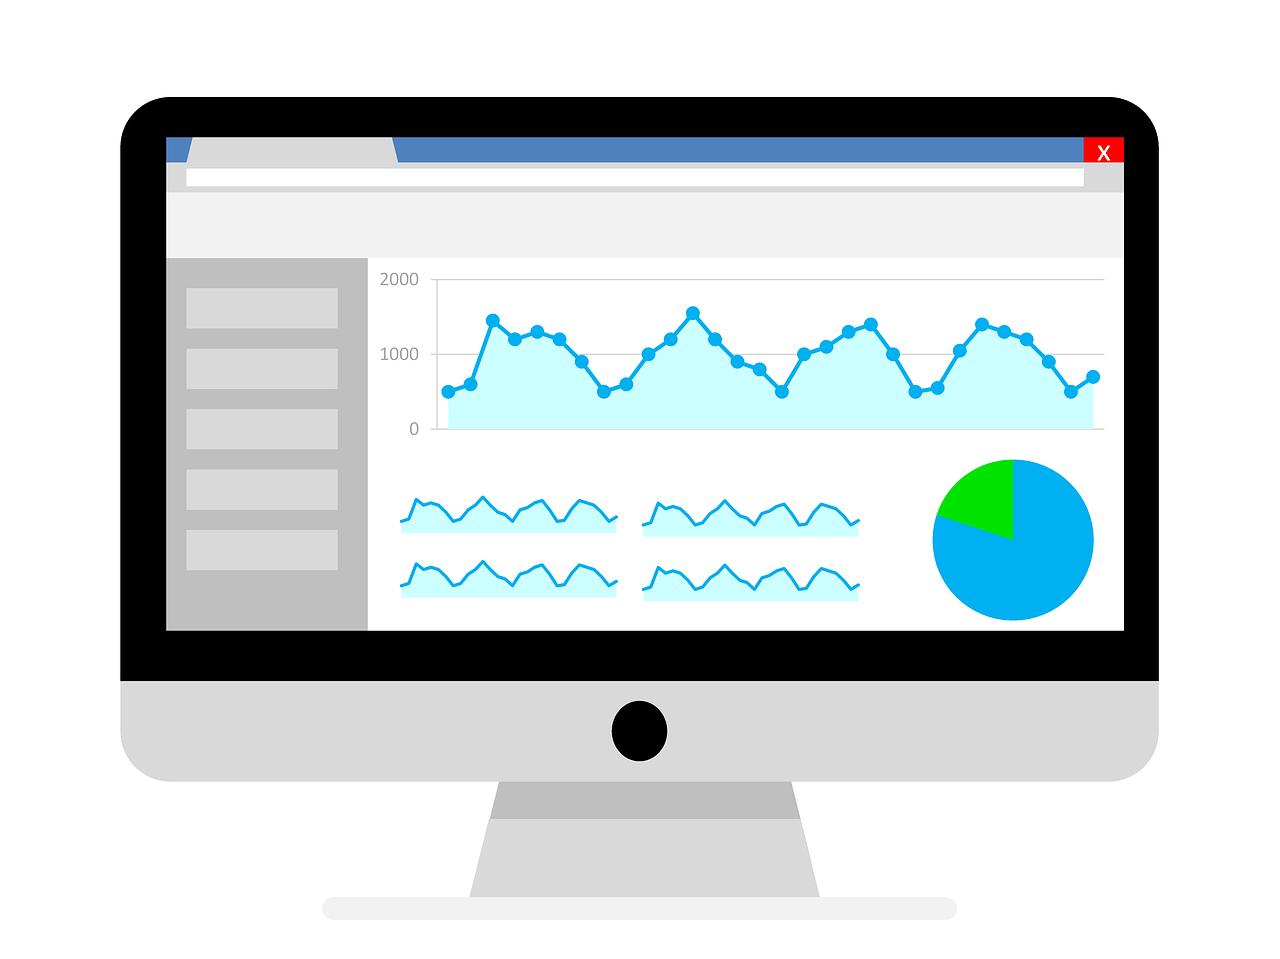 Des pistes pour augmenter le trafic d'un site internet